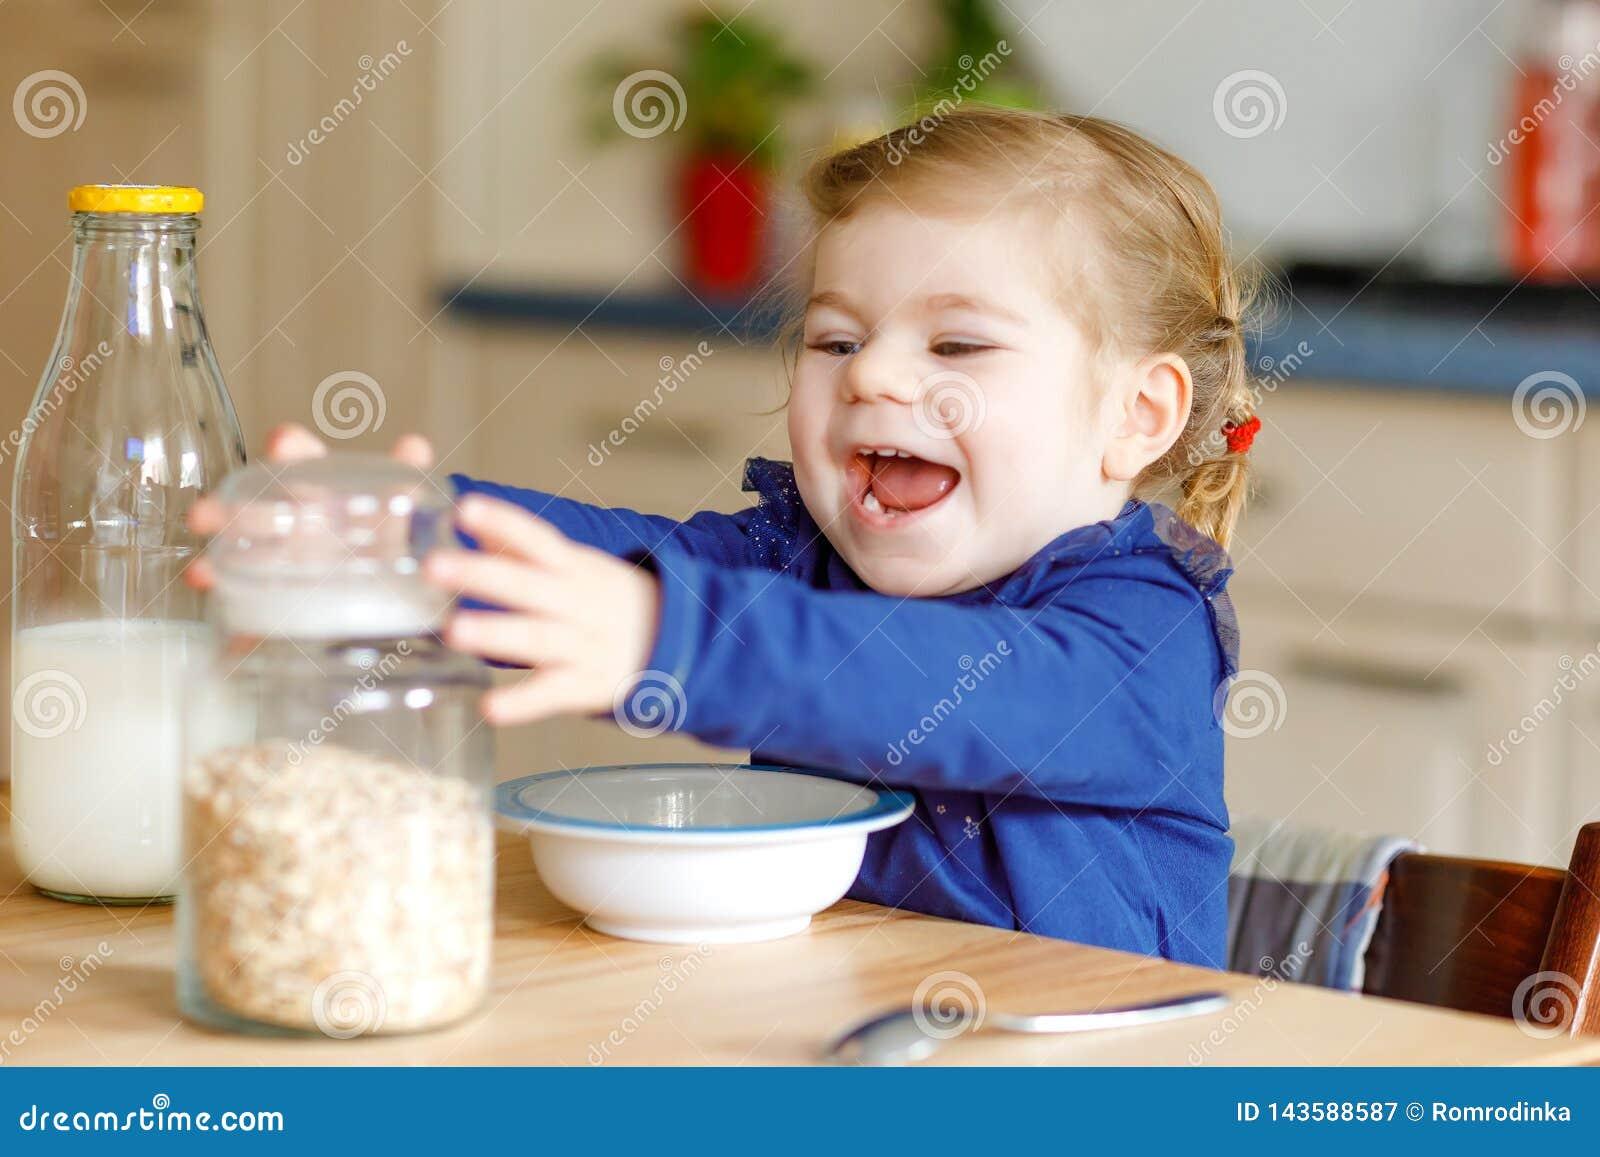 Urocza berbeć dziewczyna je zdrowych oatmeals z mlekiem dla śniadaniowego Ślicznego szczęśliwego dziecka dziecka w kolorowy ubrań